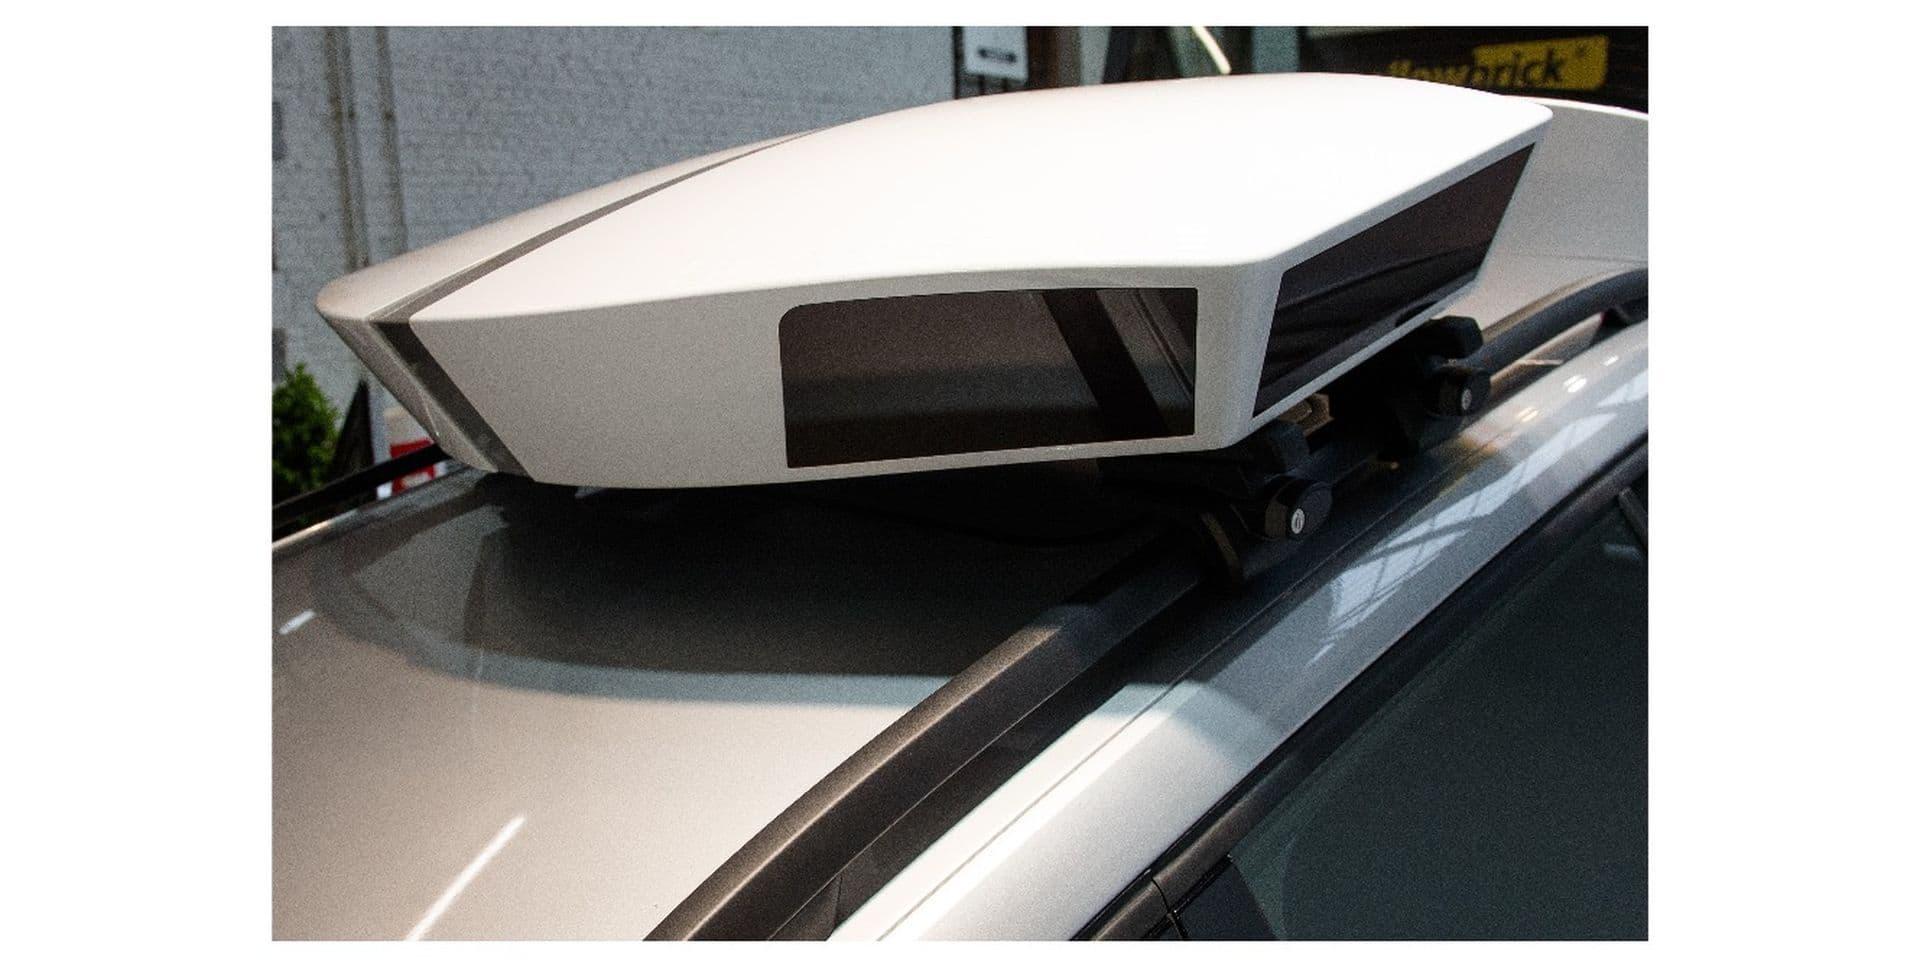 Les scancars, ces véhicules scanneurs qui vérifient le stationnement sont-ils vraiment une bonne idée ?